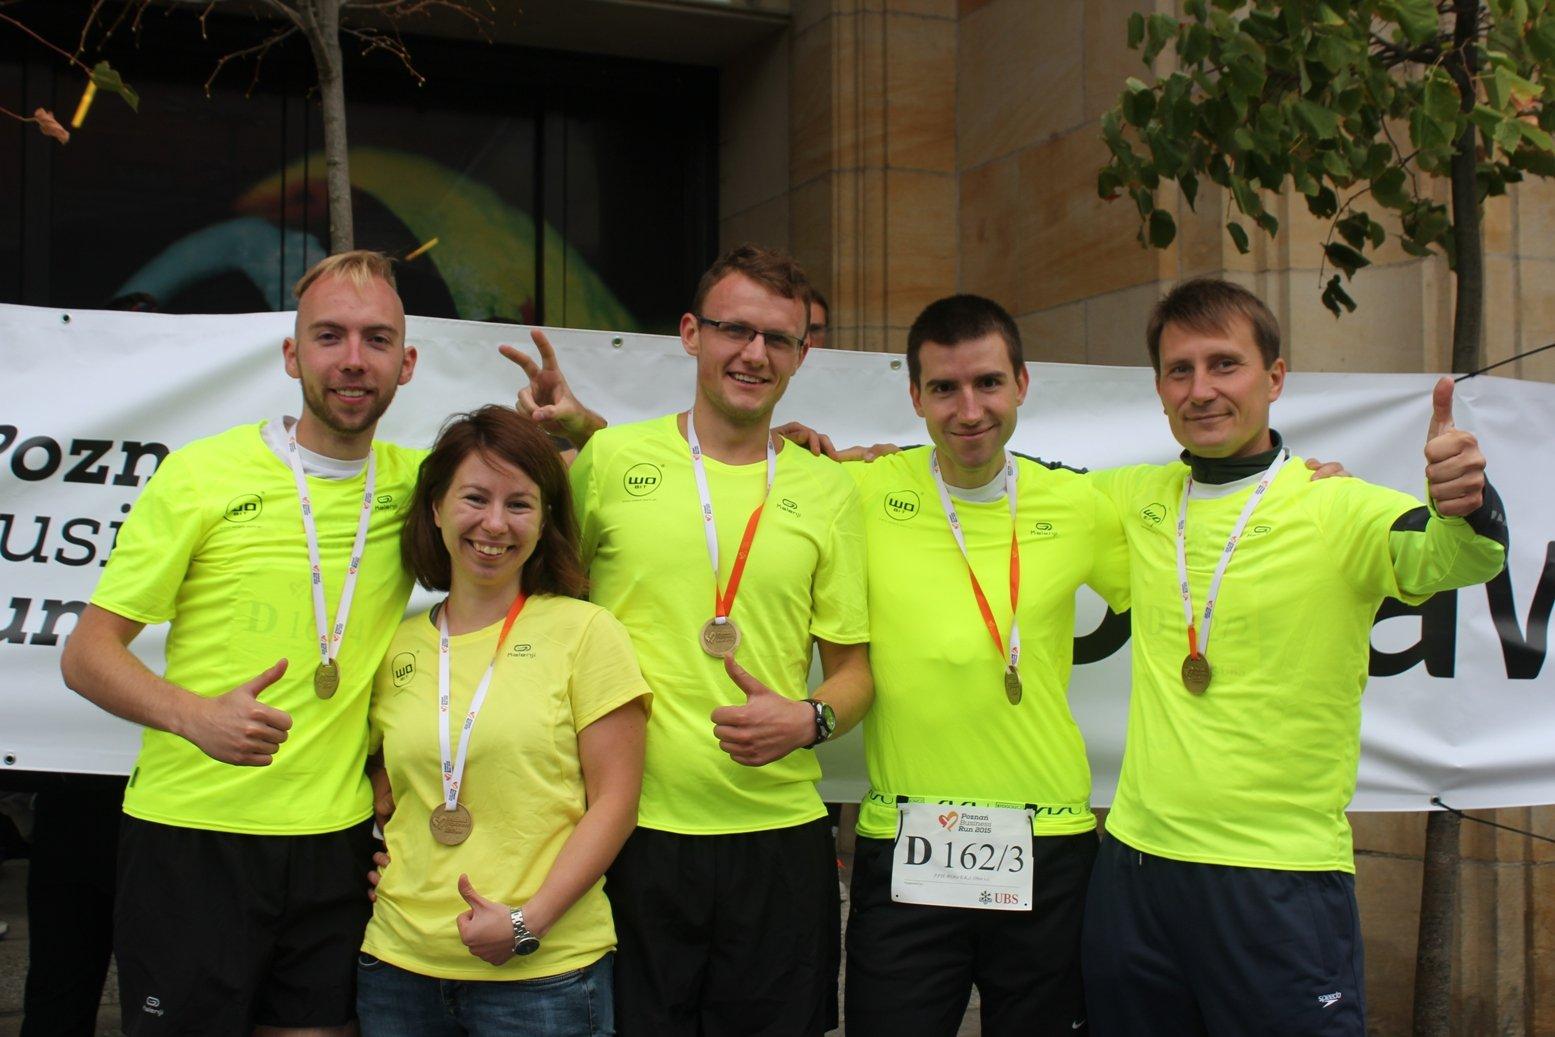 Dziękujemy zawsparcie podczas Poznań Business Run 2015!